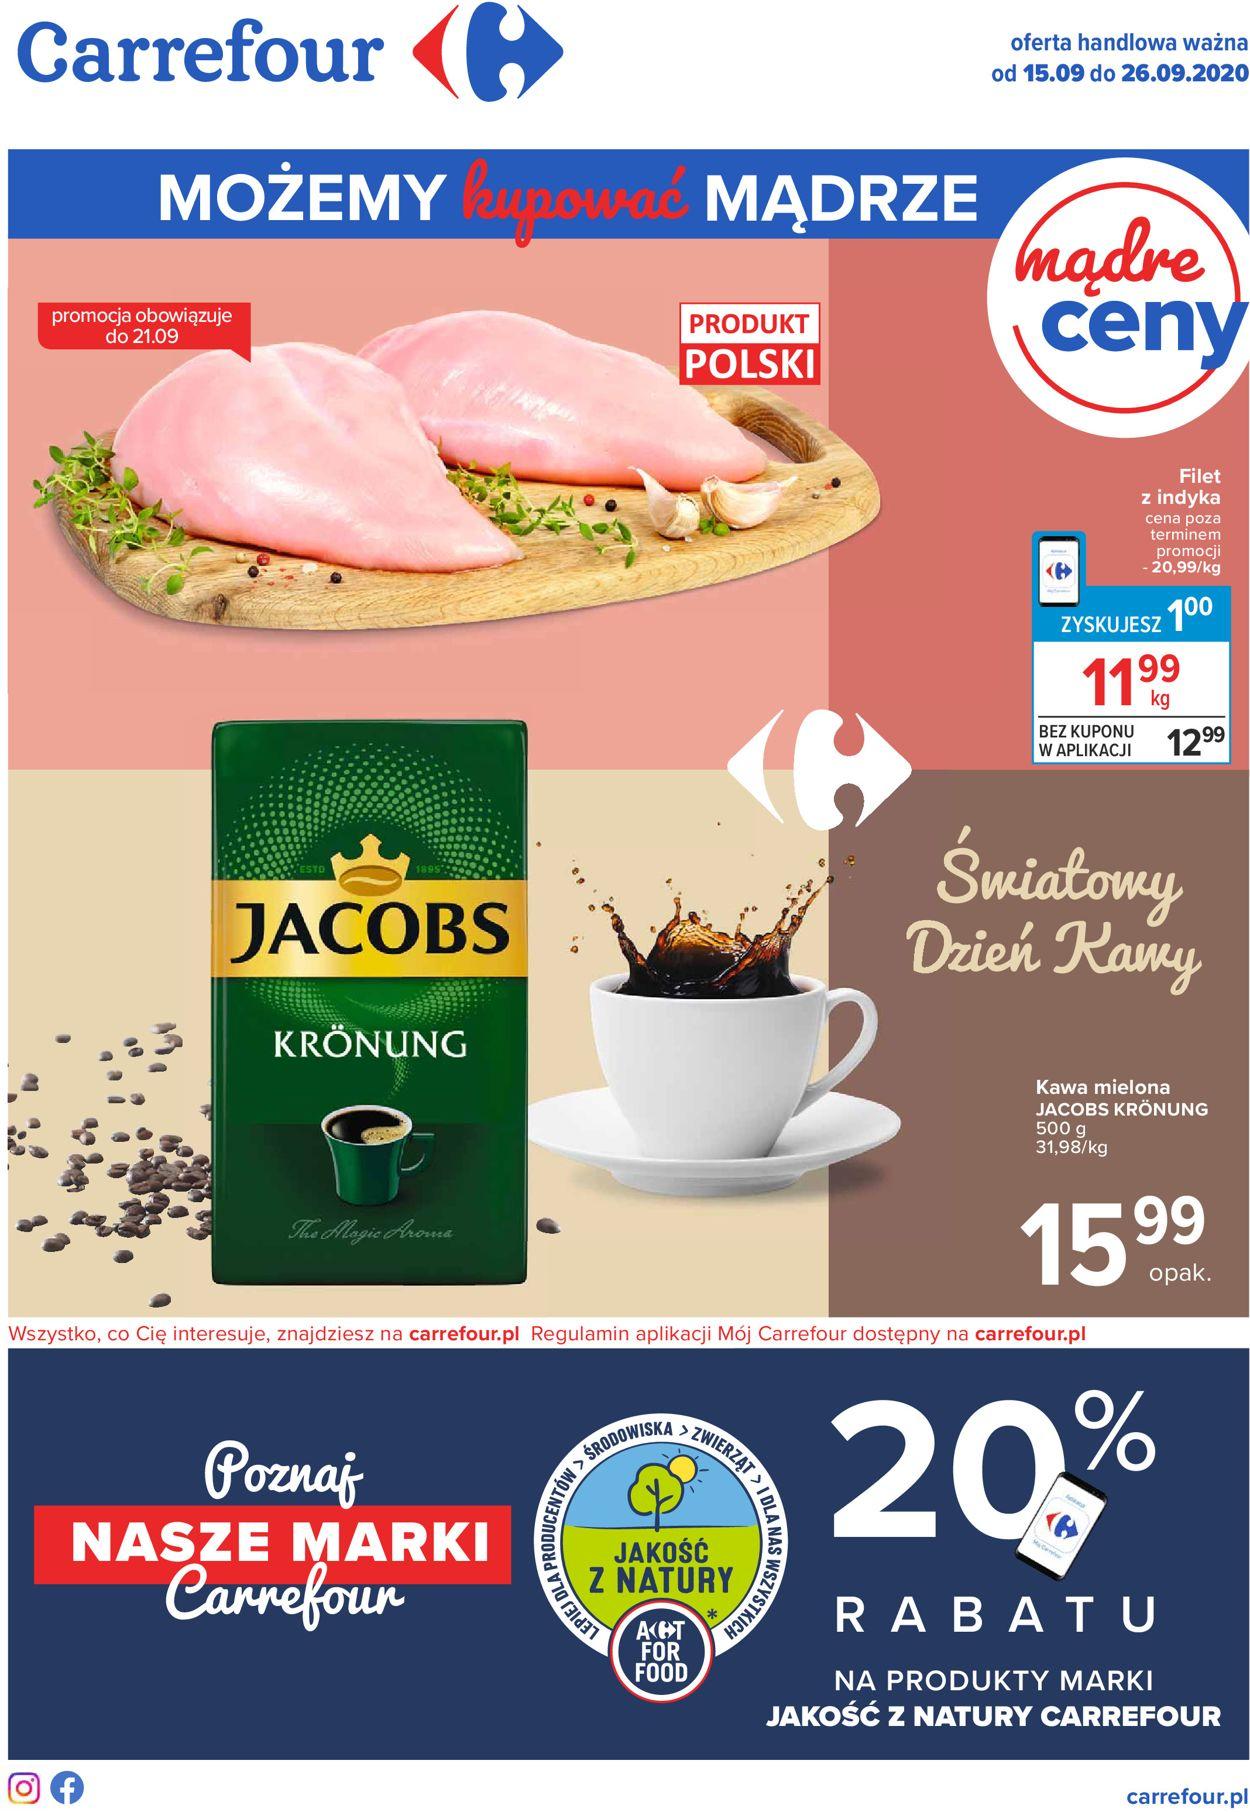 Gazetka promocyjna Carrefour - 15.09-26.09.2020